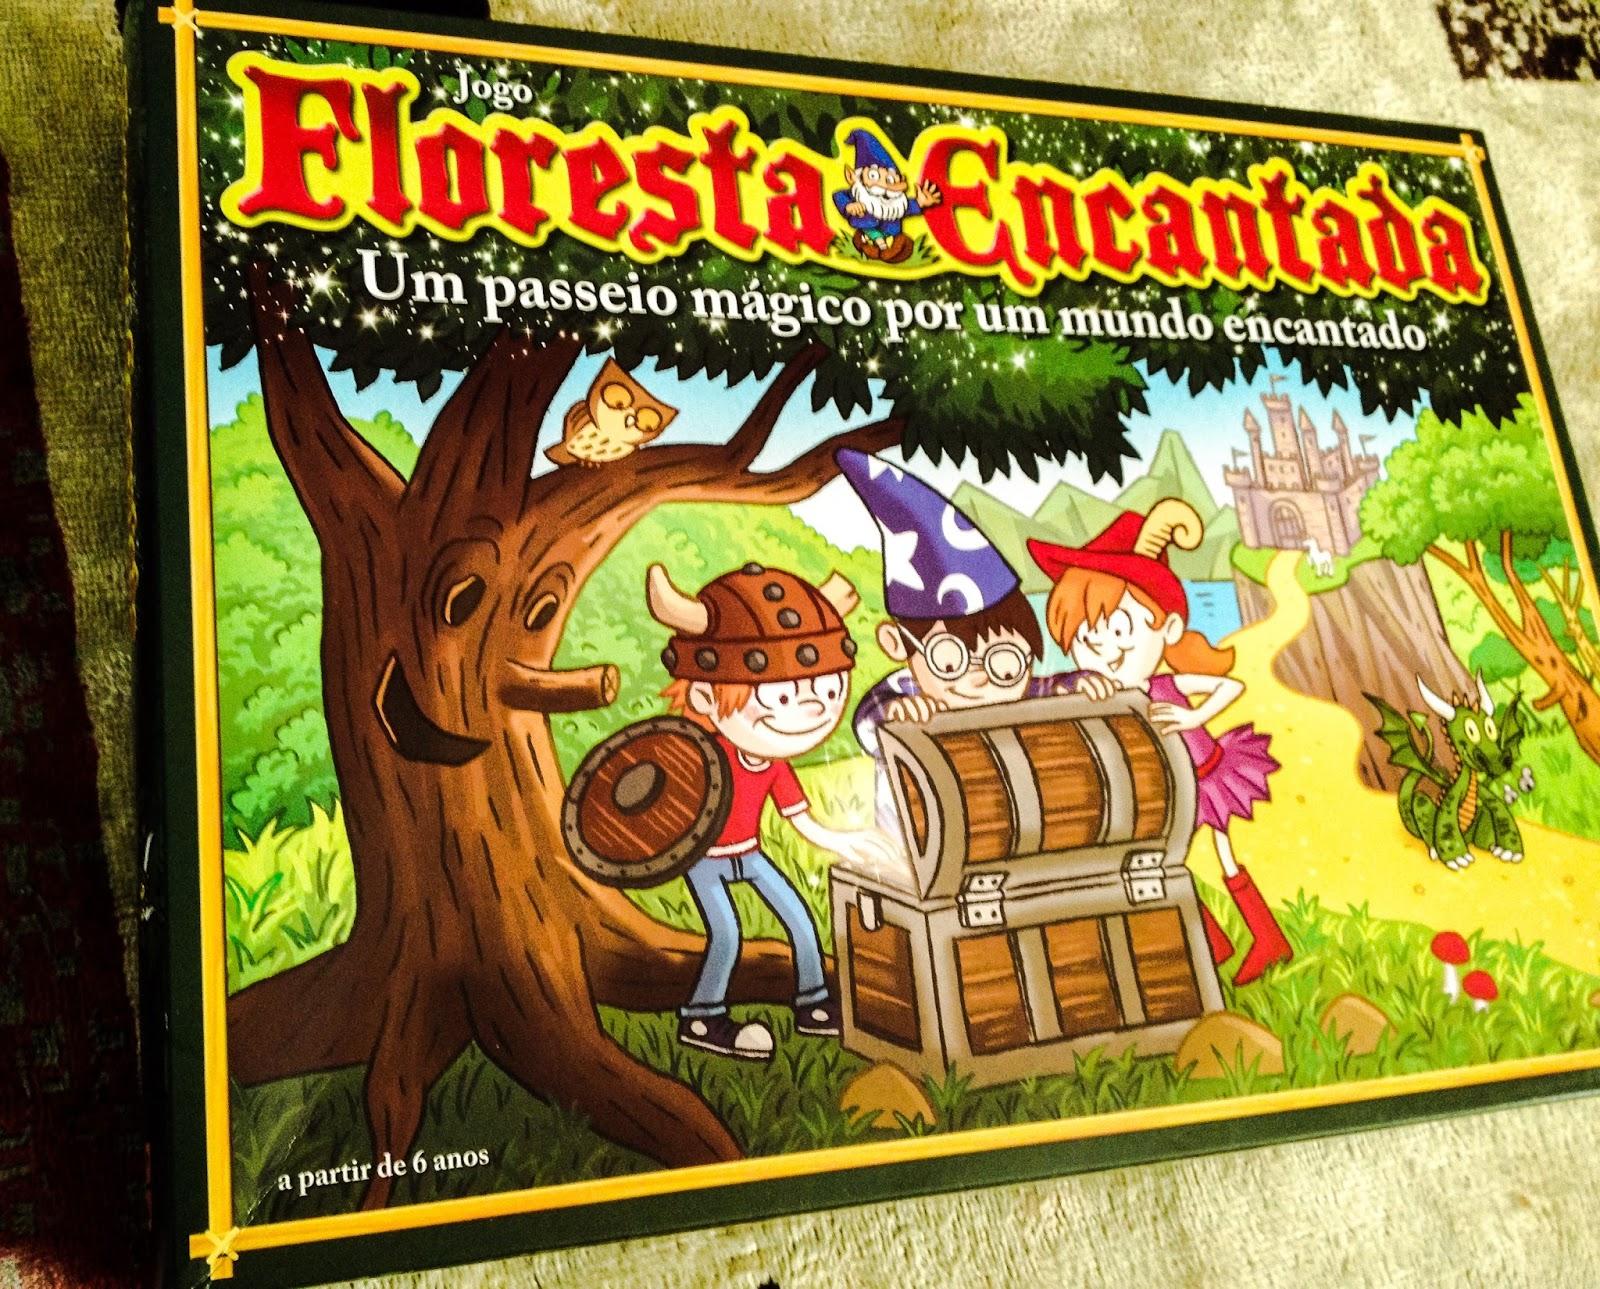 """Caixa do jogo de tabuleiro infantil """"Floresta Encantada"""", lançado pela Grow."""